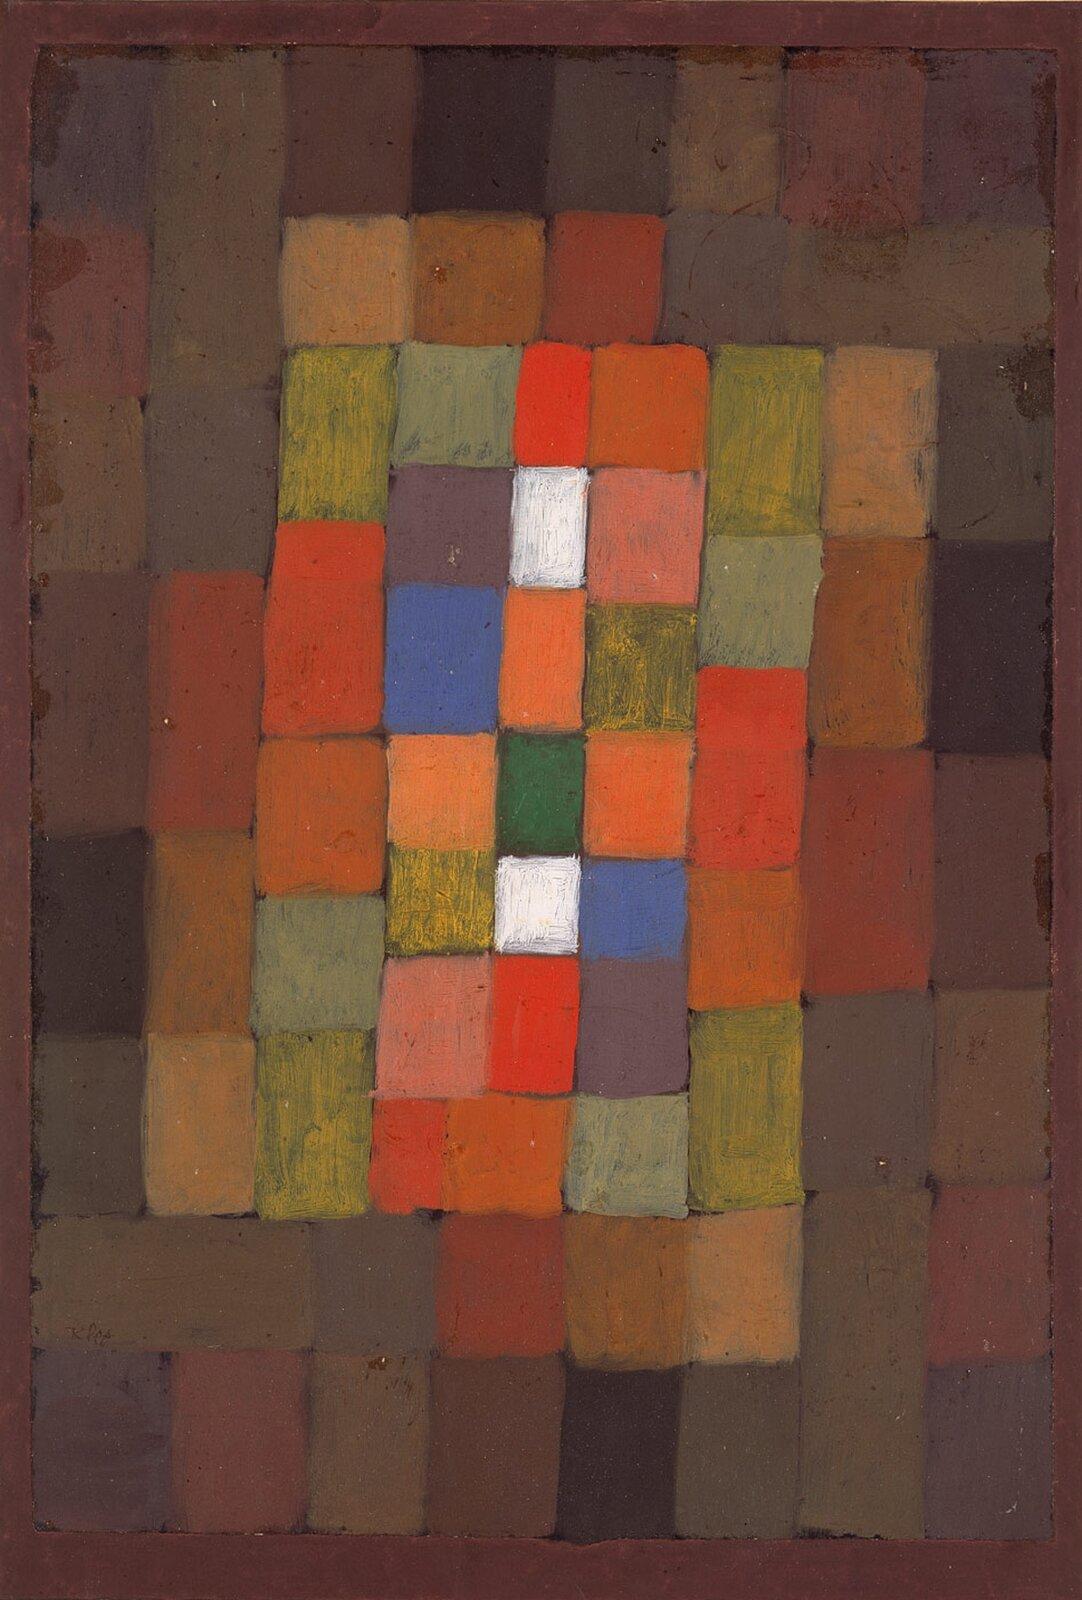 """Ilustracja przedstawia obraz """"Gradacja statyczno-dynamiczna"""" autorstwa Paula Klee. Namalowaną przez artystę kompozycję abstrakcyjną wypełniają różnokolorowe prostokąty ozróżnicowanych wielkościach. Wobrazie dominują brązy, które im bliżej środka zamieniają się wpomarańcze, czerwienie izielenie oróżnym nasyceniu. Wcentrum kompozycji artysta dodał dwa niebieskie prostokąty oraz dwa białe, które mocno wybijają się spośród beżowo-pomarańczowo-zielonych plam. Środek obrazu jest wyraźnie rozświetlony. Dzięki temu zabiegowi statyczna kompozycja składająca się zprostokątnych kształtów nabiera optycznej dynamiki. Dzieło łączy wsobie technikę akwareli ztuszem igwaszem."""